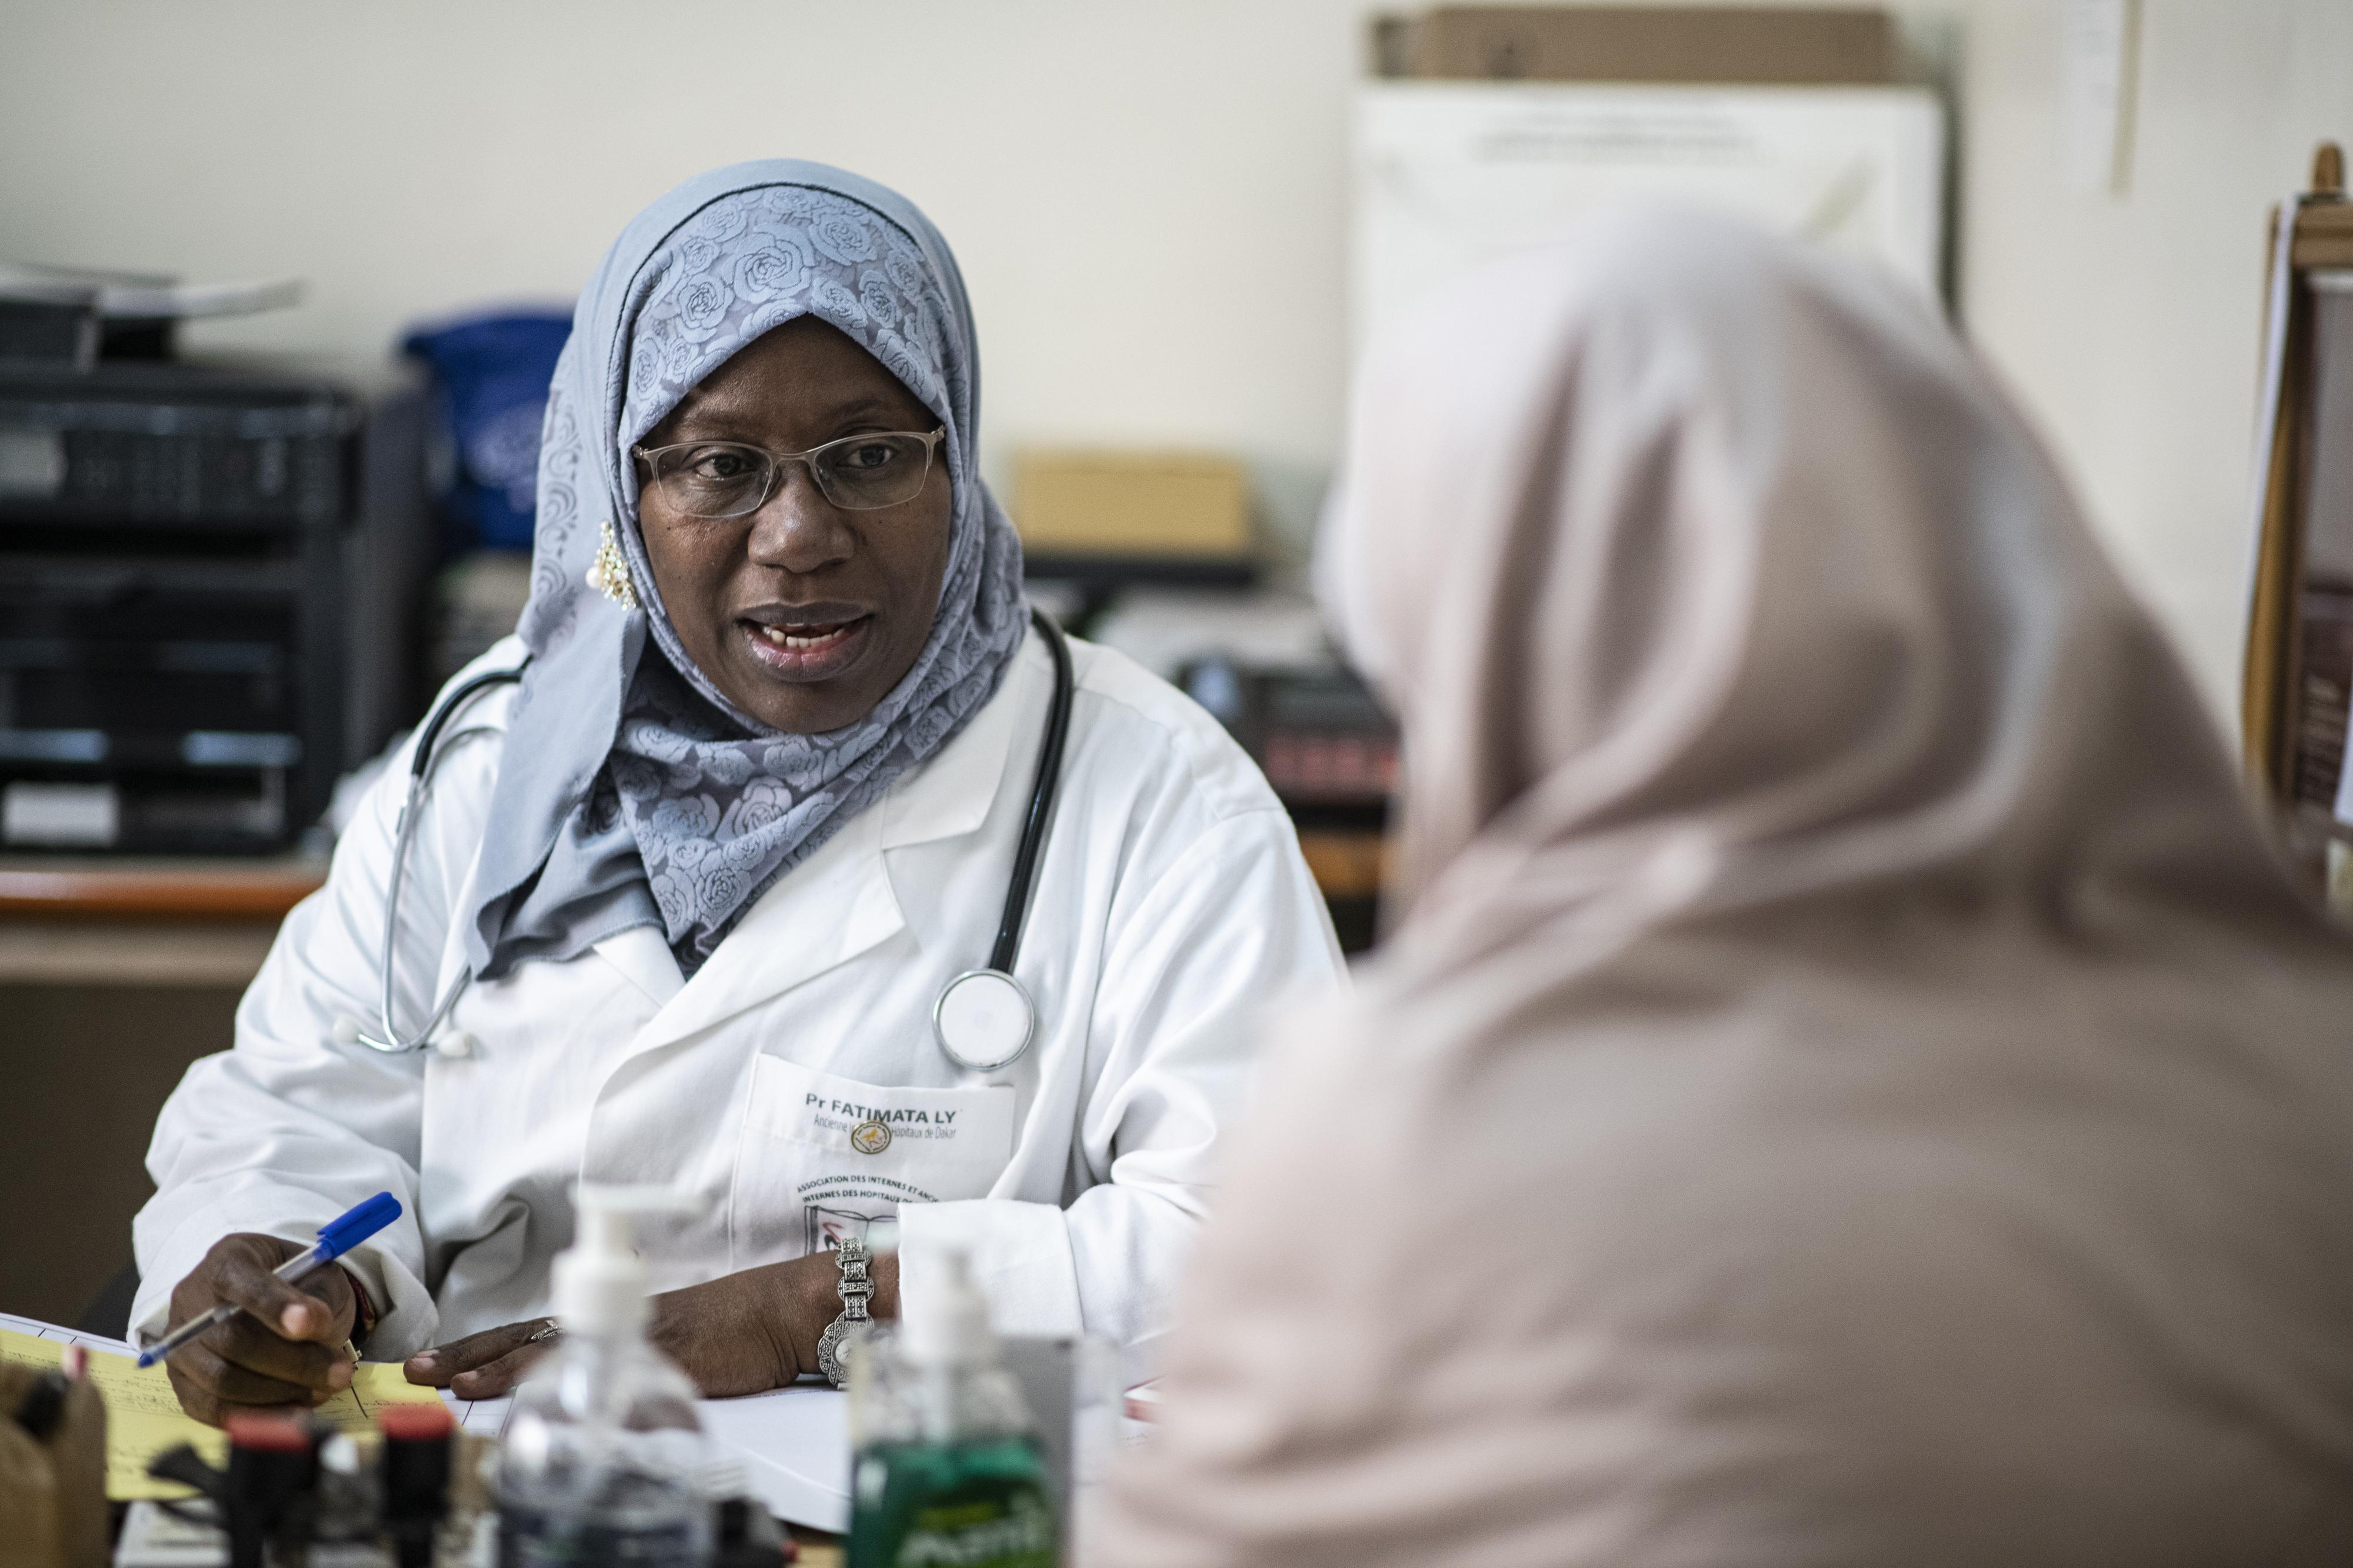 Le présidente de l'Association internationale d'information sur la dépigmentation artificielle (AIIDA), la professeure Fatoumata Ly, en consultation dans son cabinet à l'Institut d'Hygiene Sociale Polyclinik. Elle plaide pour l'interdiction de la vente des produits cosmétiques de dépigmentation afin d'éradiquer le phénomène croissant de ''la dépigmentation cosmétique volontaire (DCV)'' notée au Sénégal.